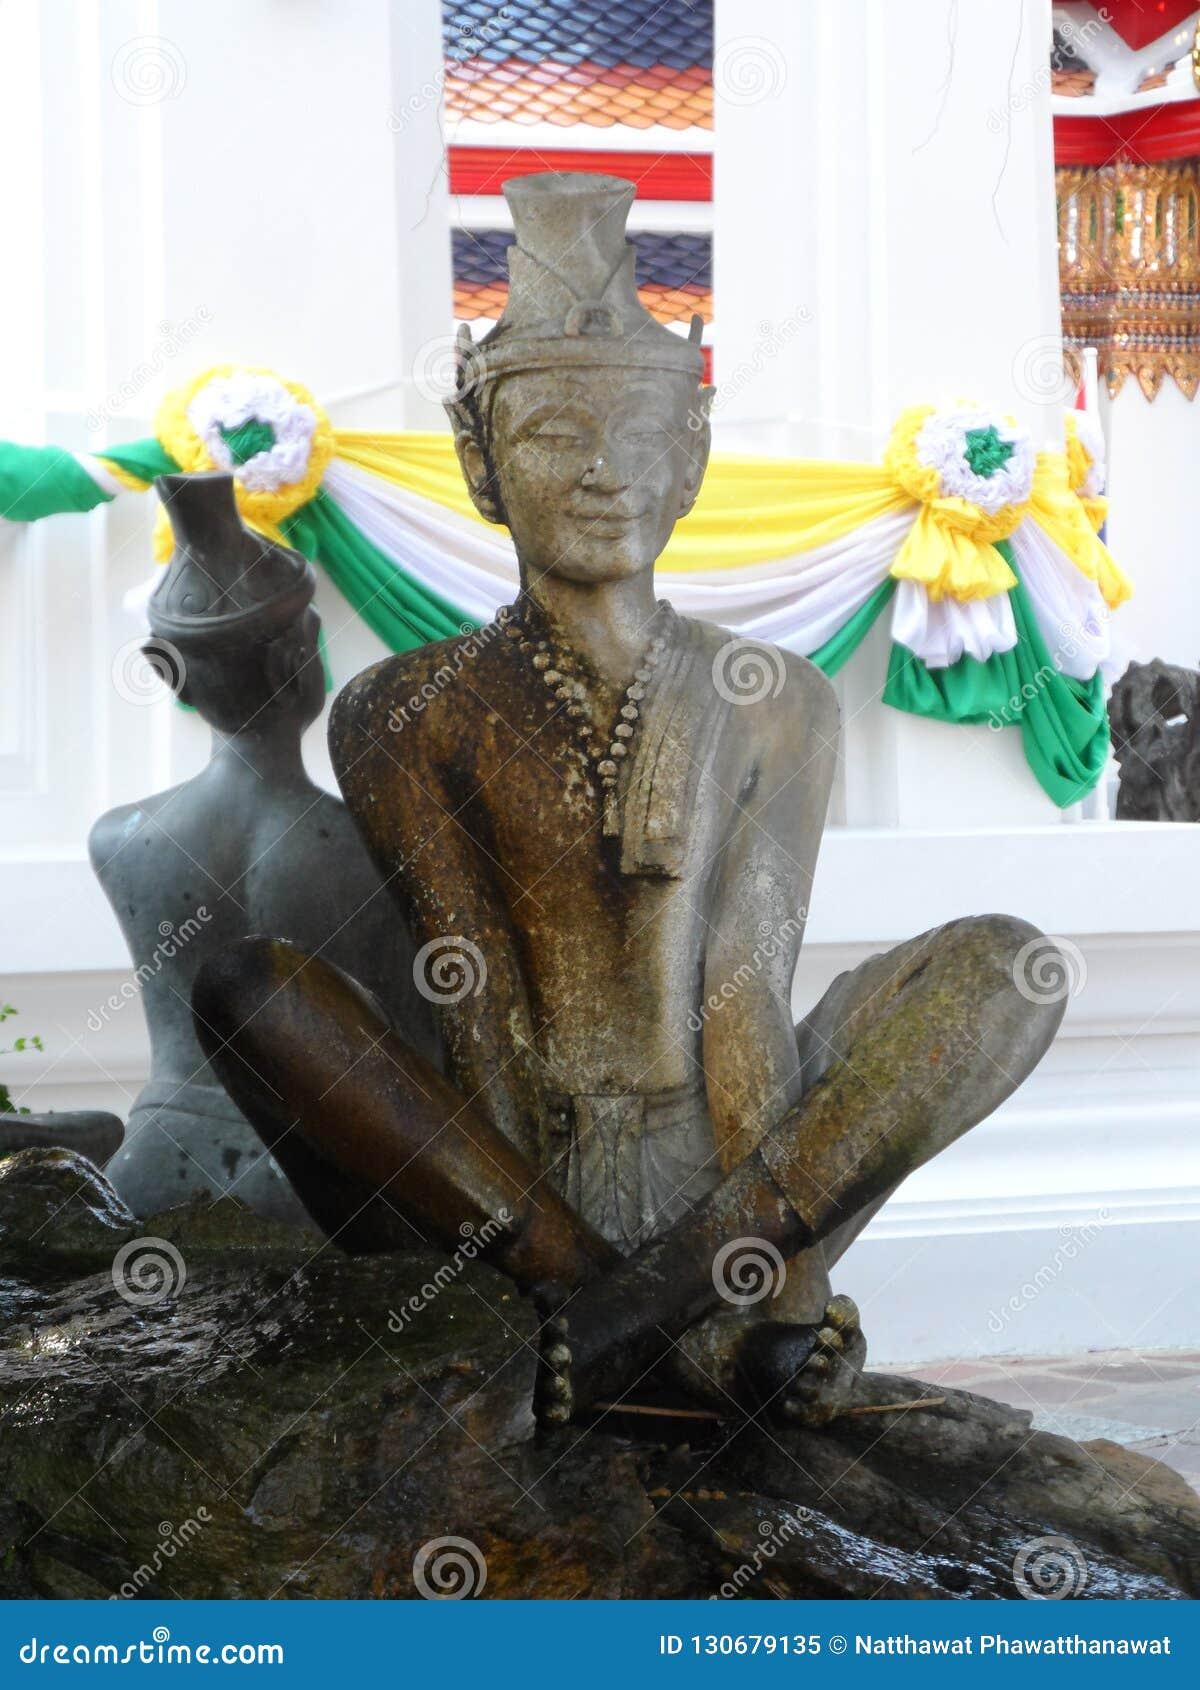 Centro de serviço de Wat Pho Thai Massage School